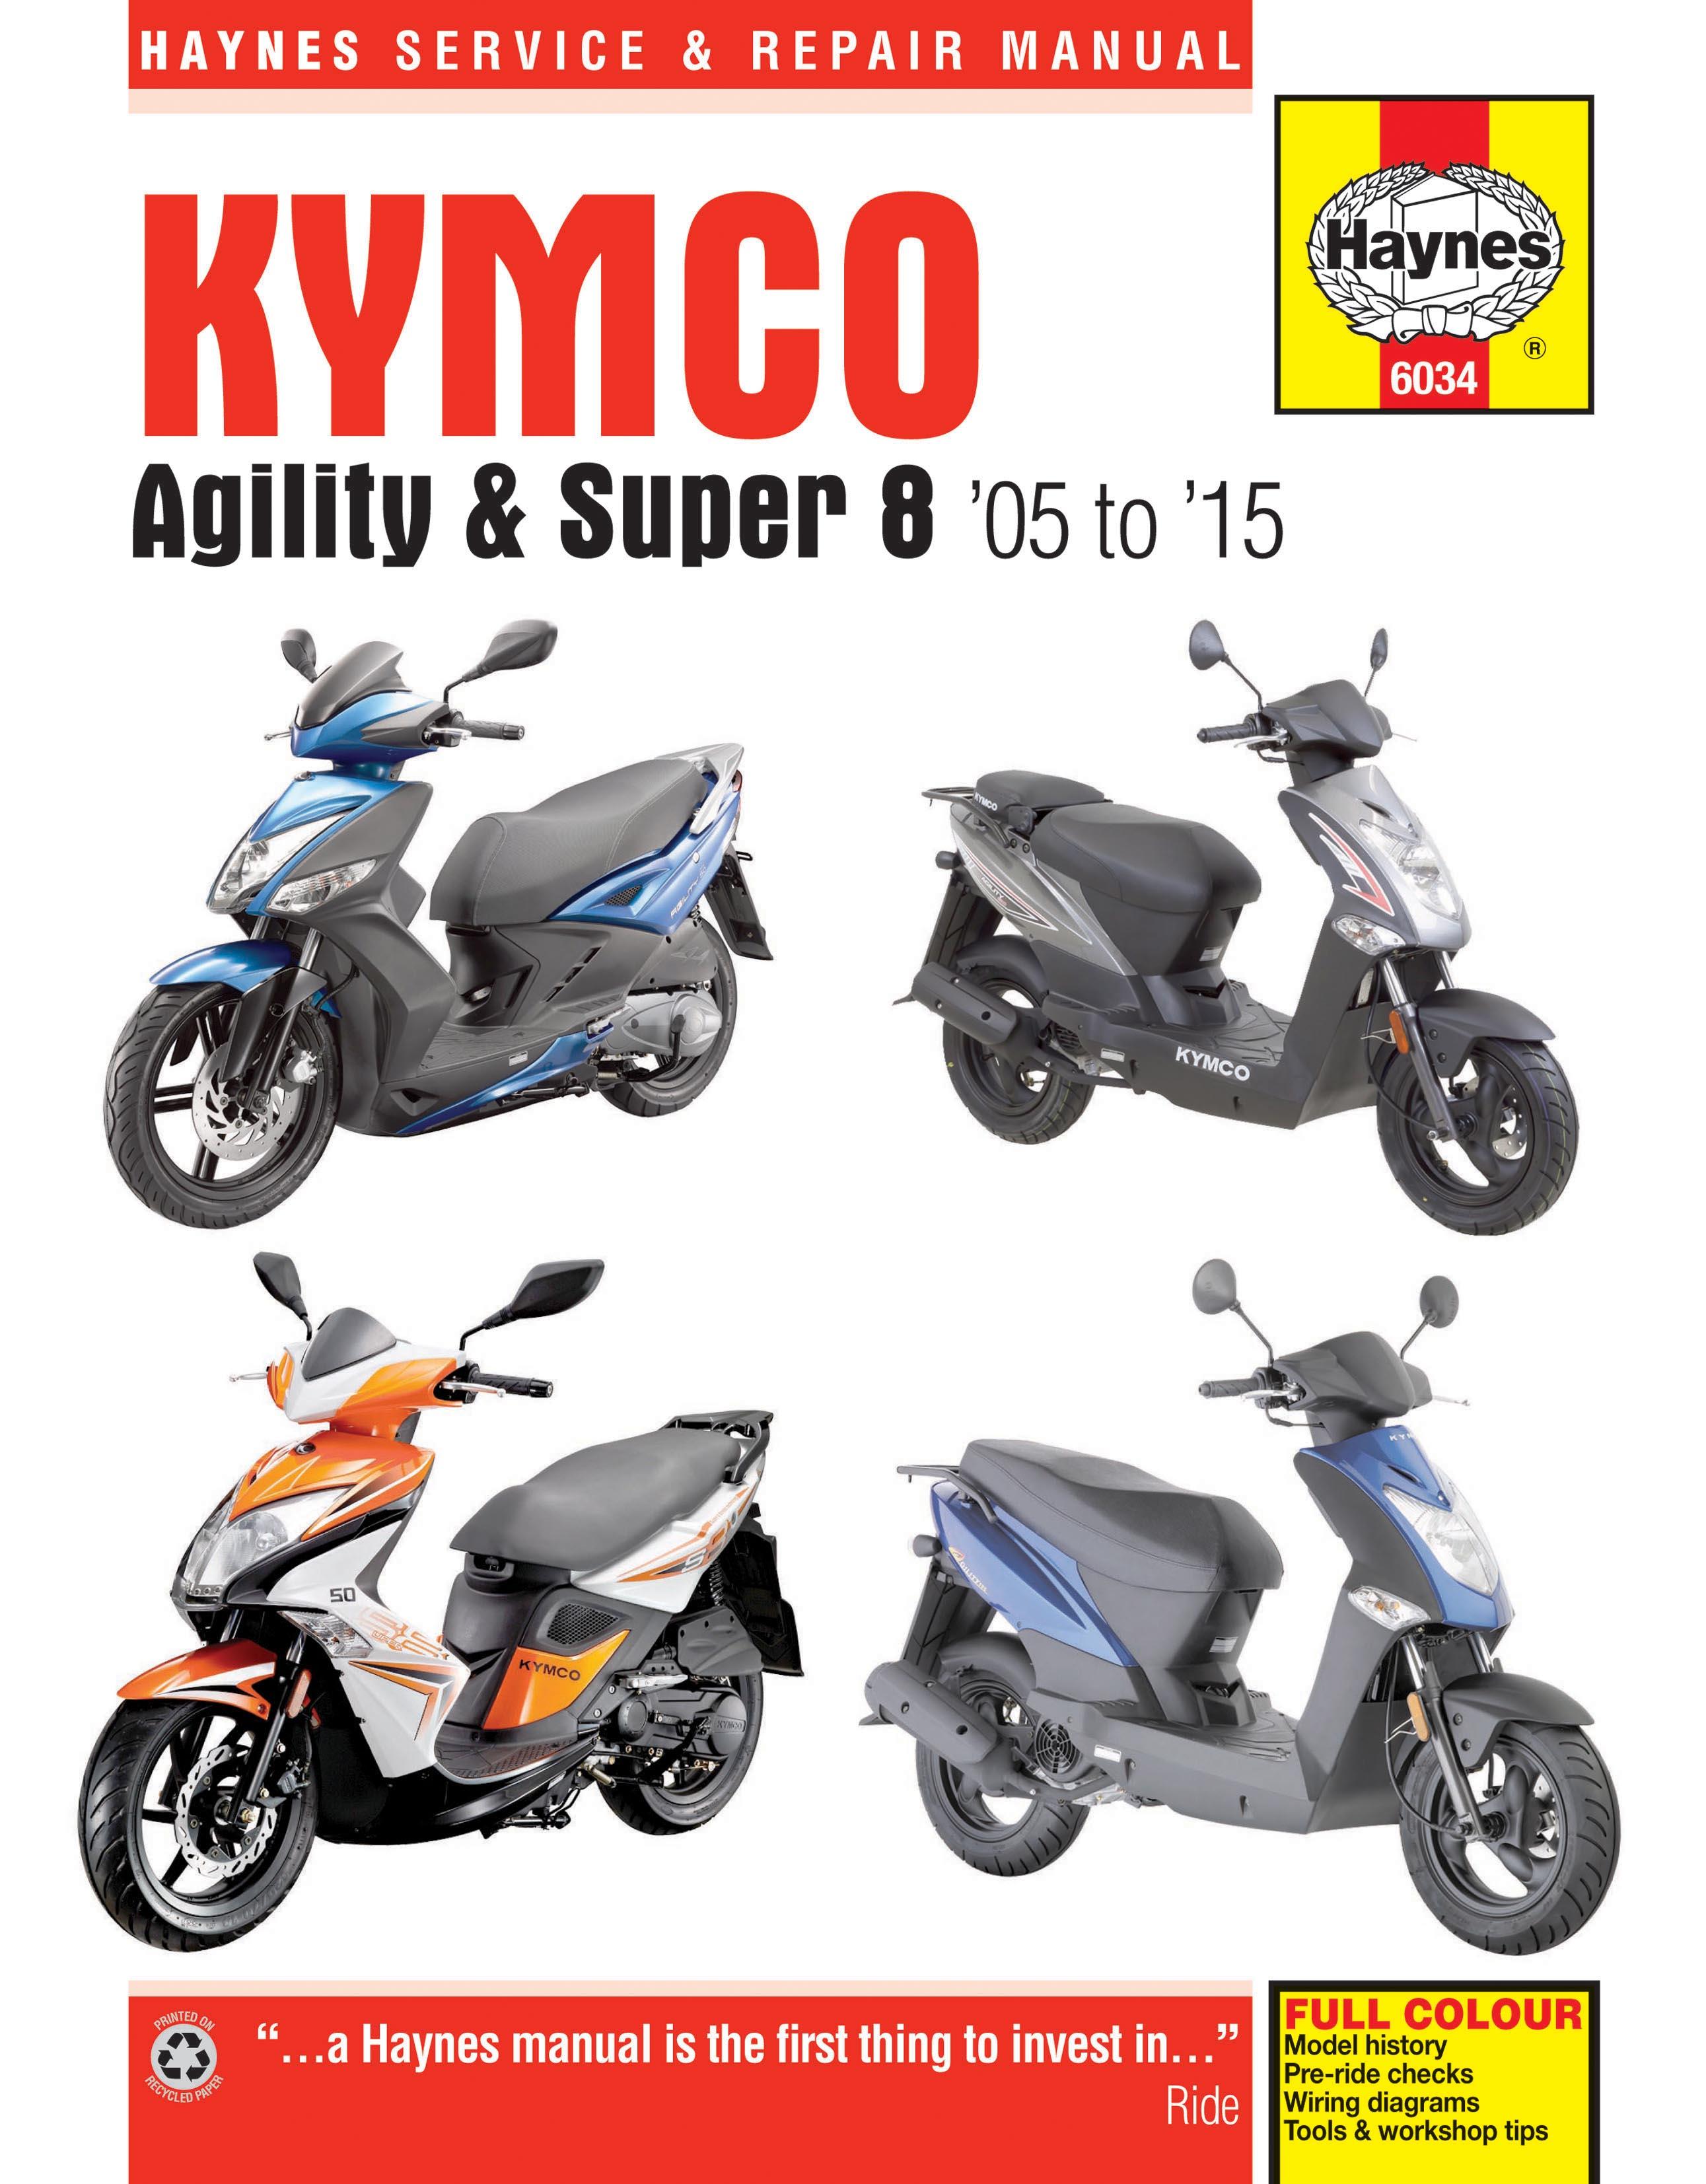 Haynes Manual For Kymco Agility 125 2005 2015